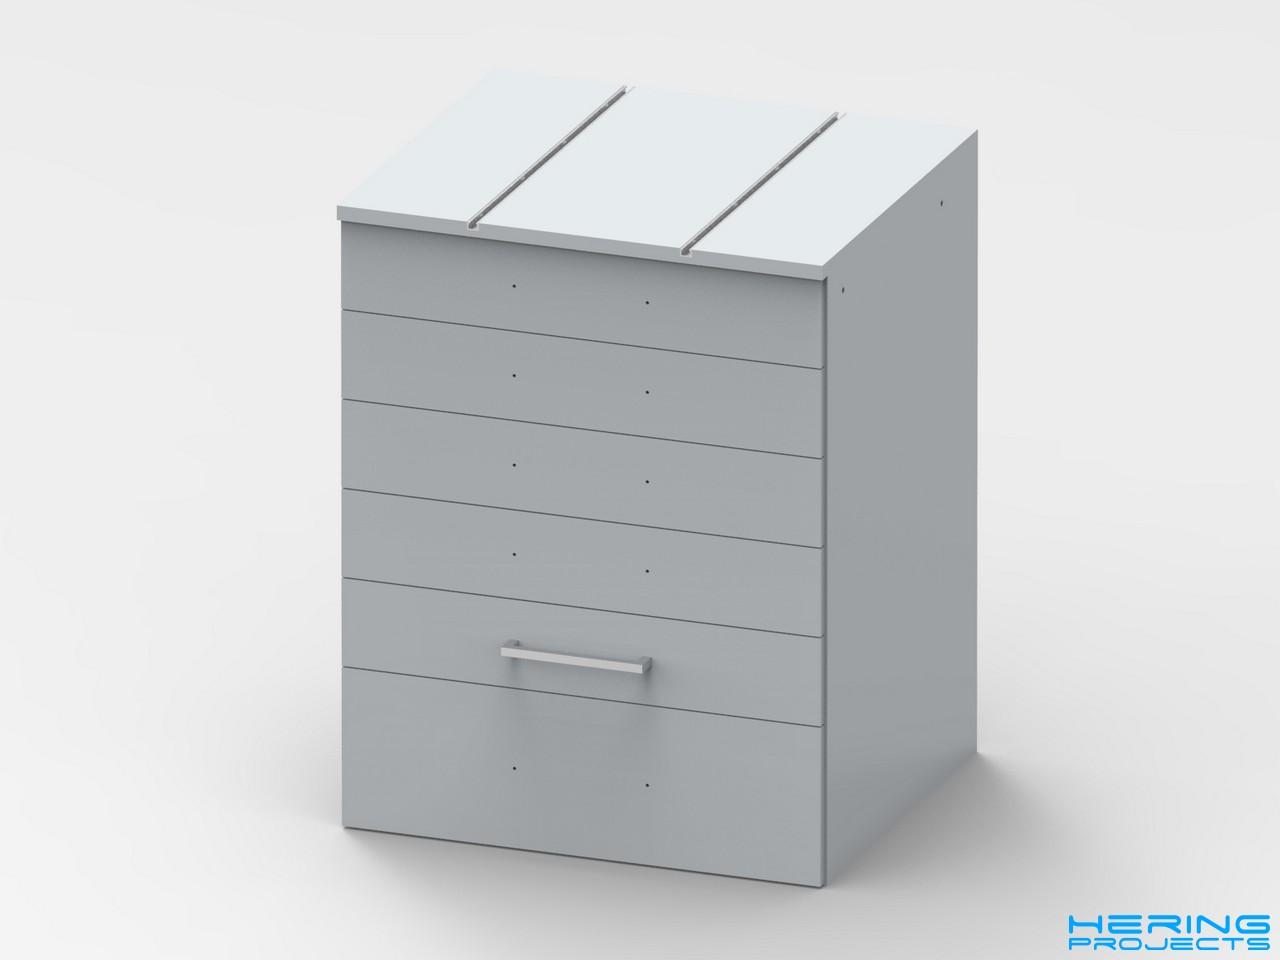 Tischbohrmaschine Untergestell CAD Render